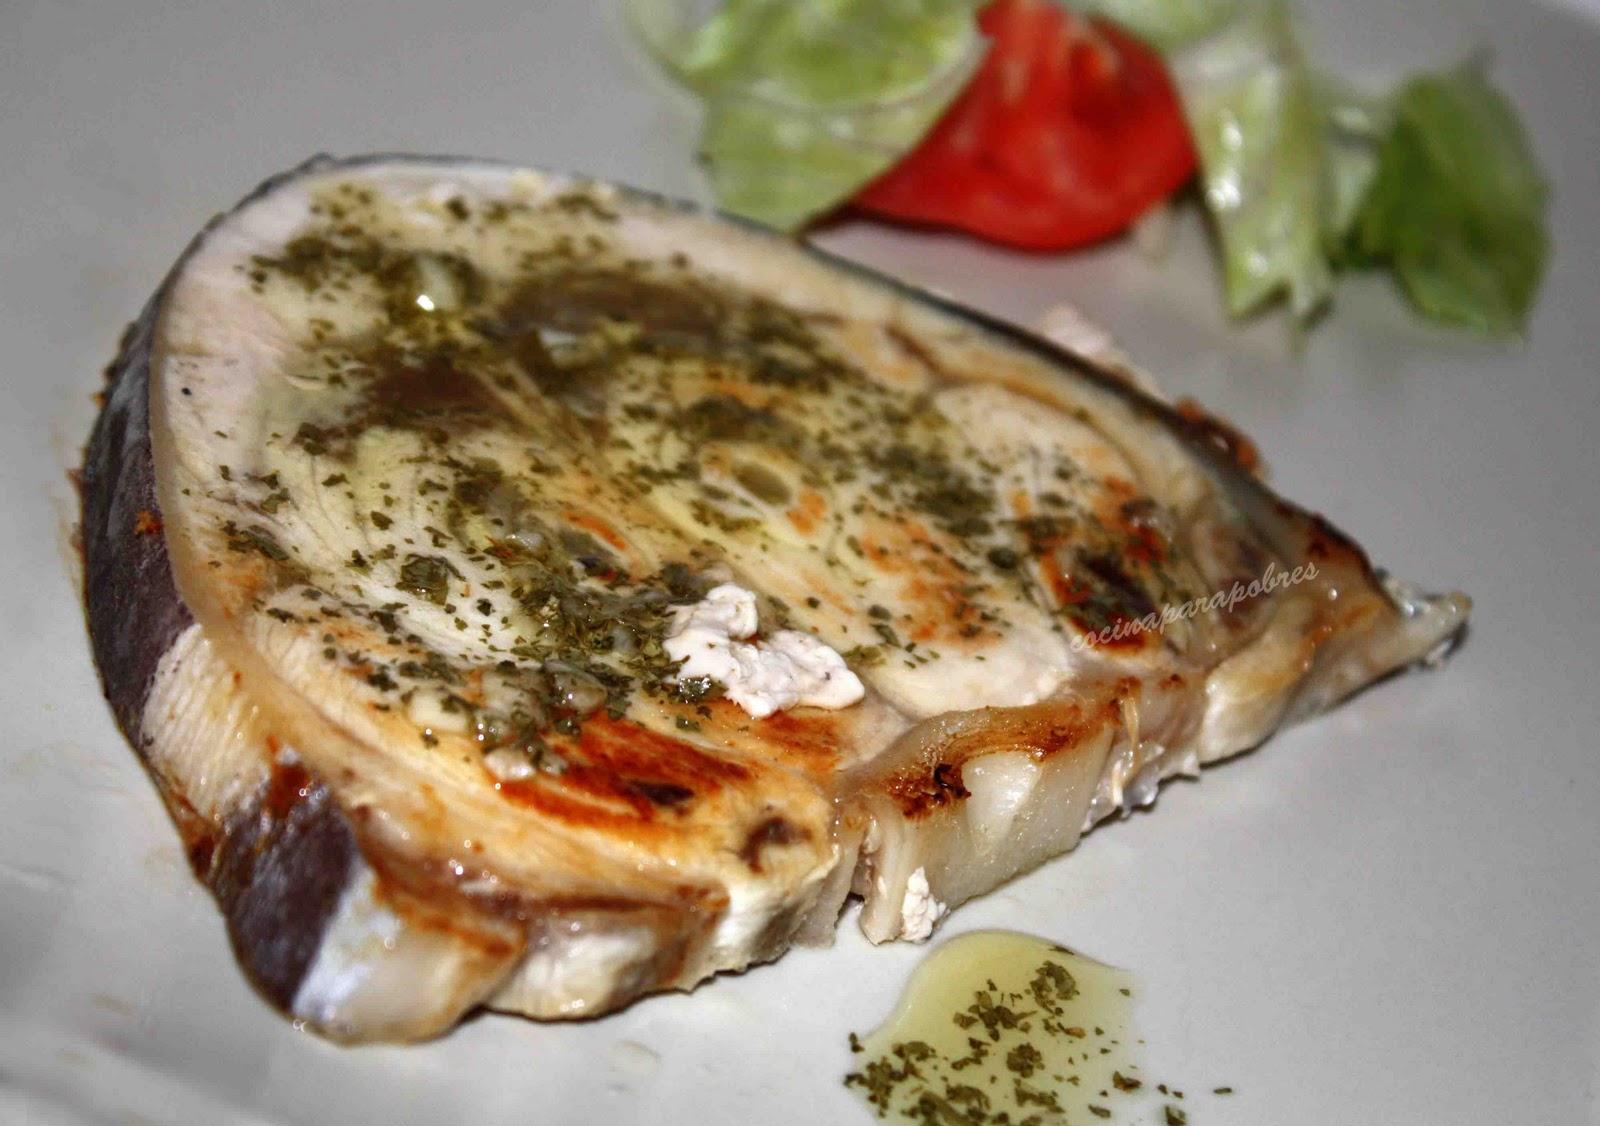 Cocina para pobres pez espada con salsa verde for Pez espada en salsa de almendras